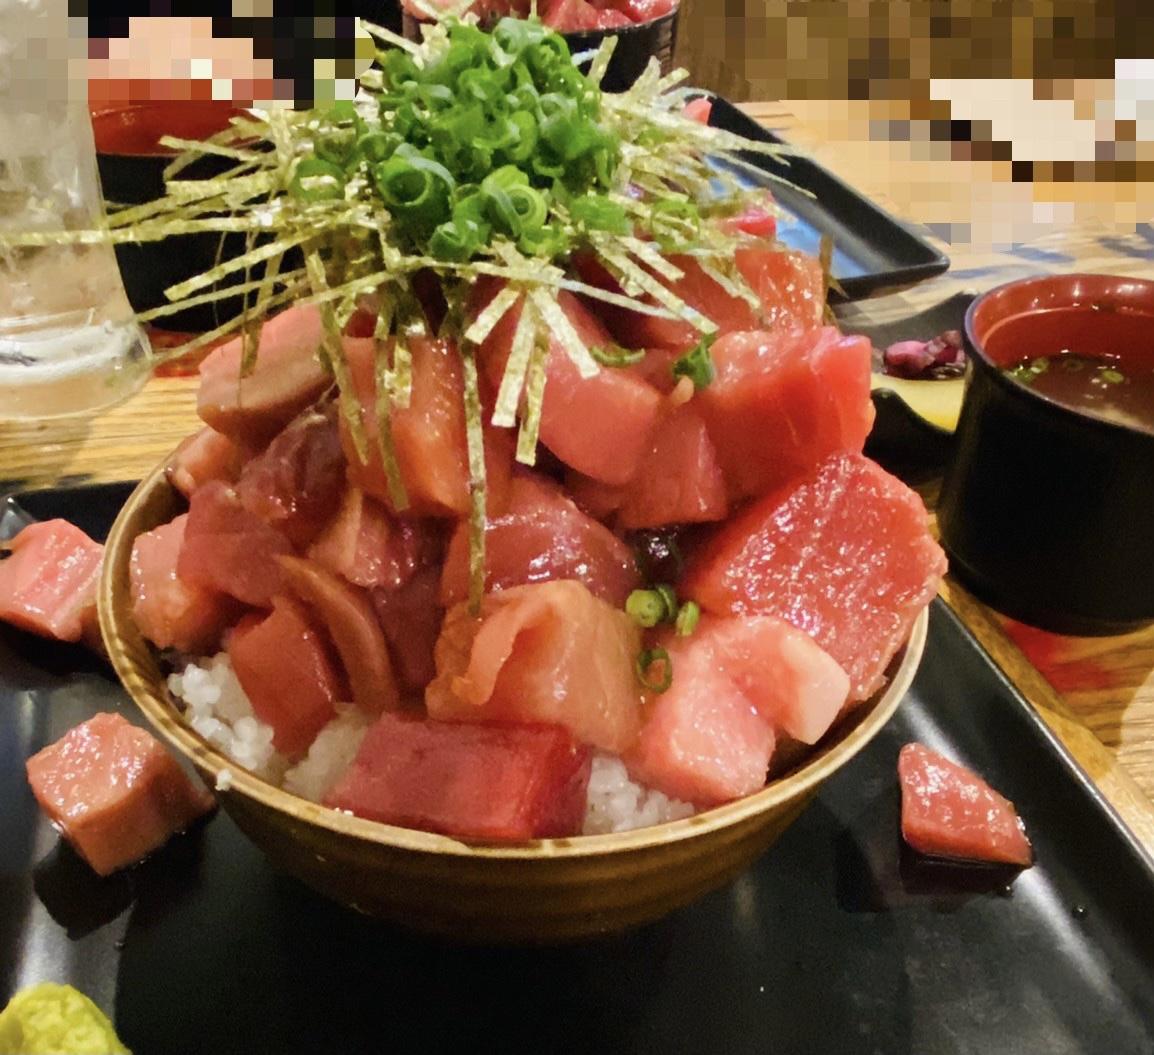 大宮区にある『鰓呼吸』で2月21日から時短要請解除まで限定の『こぼれ本マグロ鉄火丼 999円(税込み)』行って食べてきた。